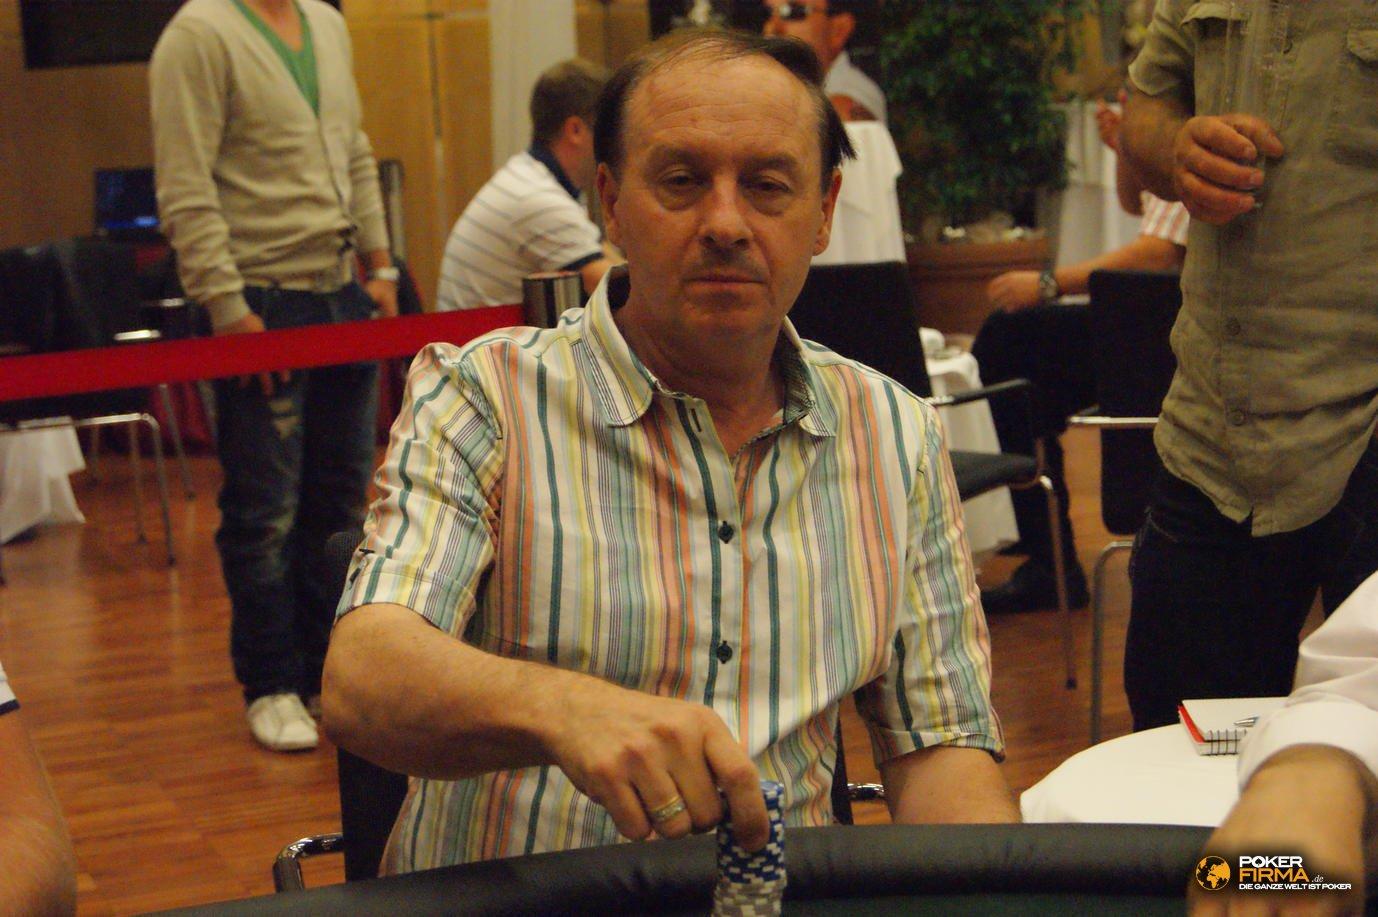 CAPT_Velden_300_NLH_FT_14072012_Kurt_Mueller.JPG